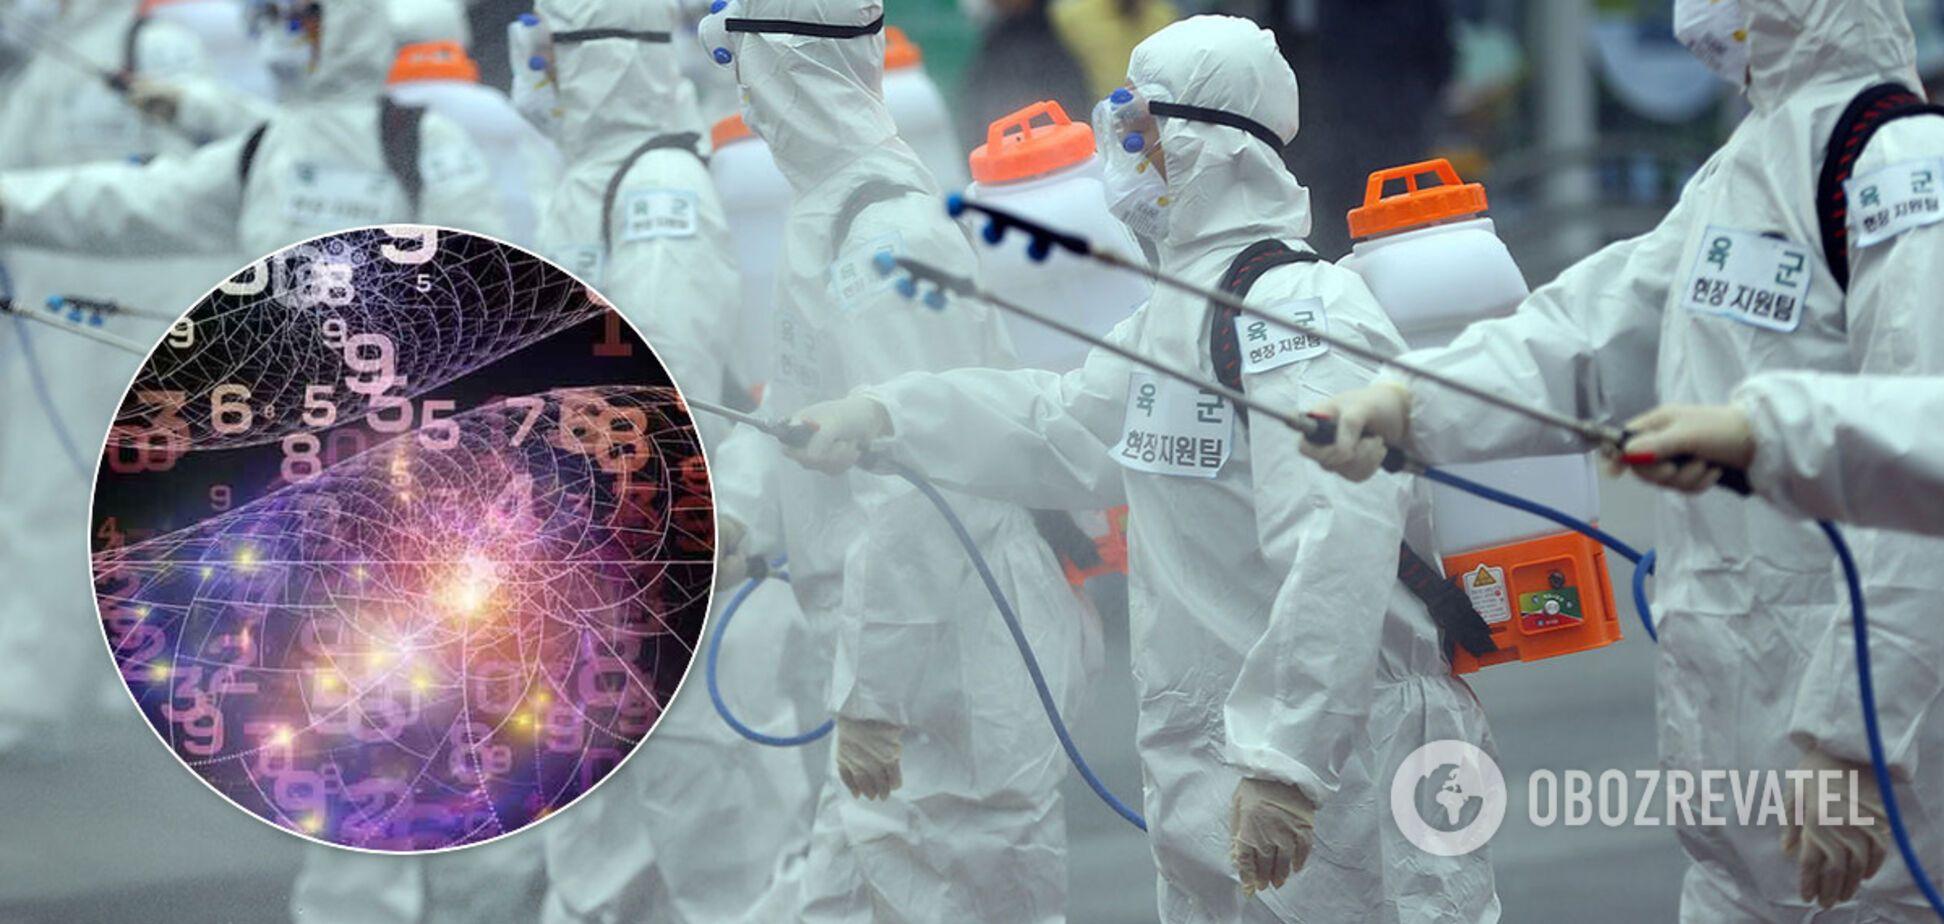 Социолог математически опроверг дату конца эпидемии COVID-19 в Украине